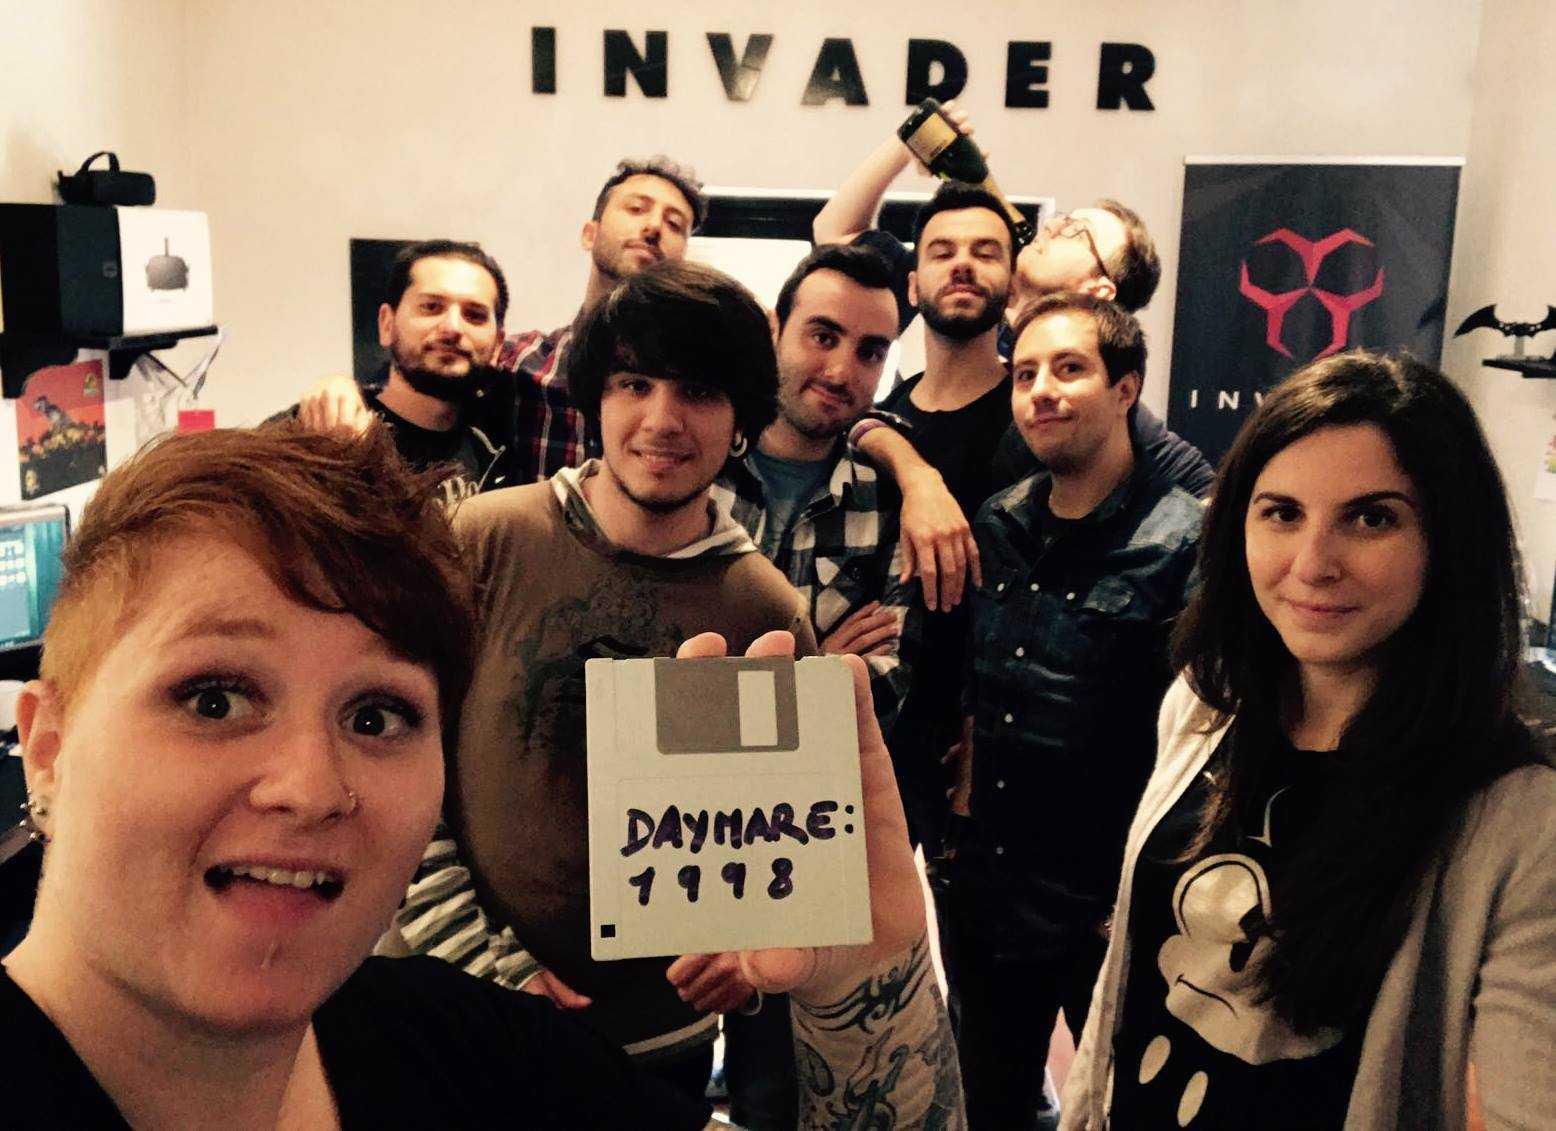 invader-games